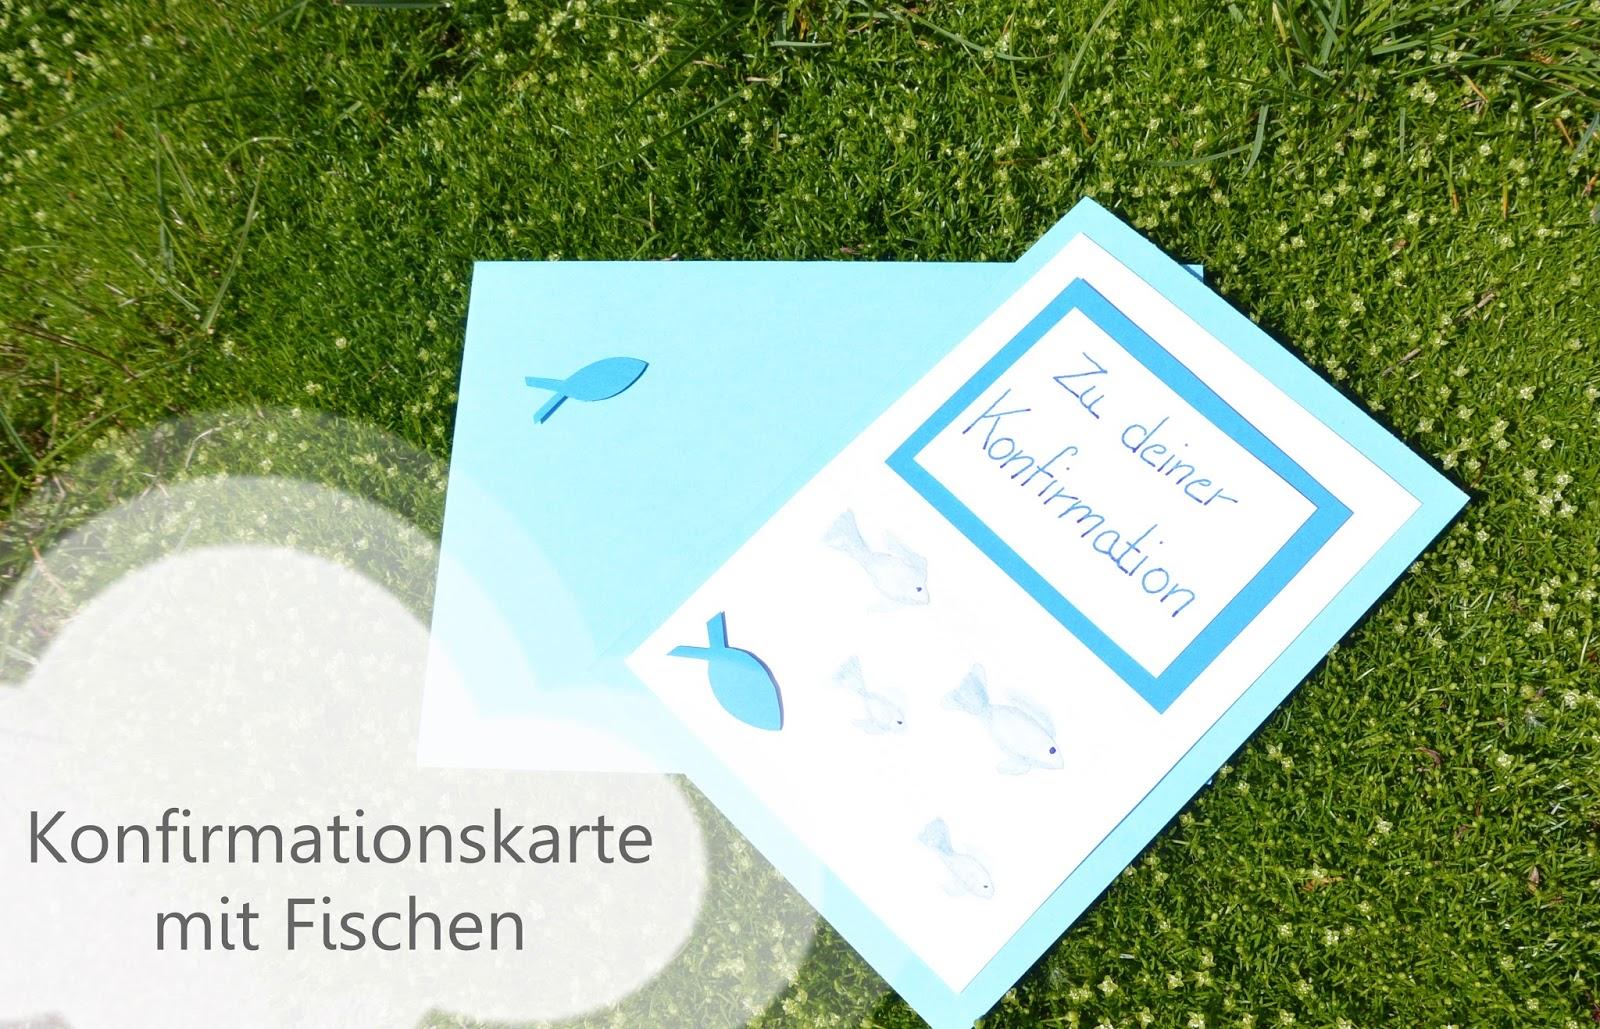 Kristallzauber diy konfirmationskarte mit fischen for Teichreinigung mit fischen